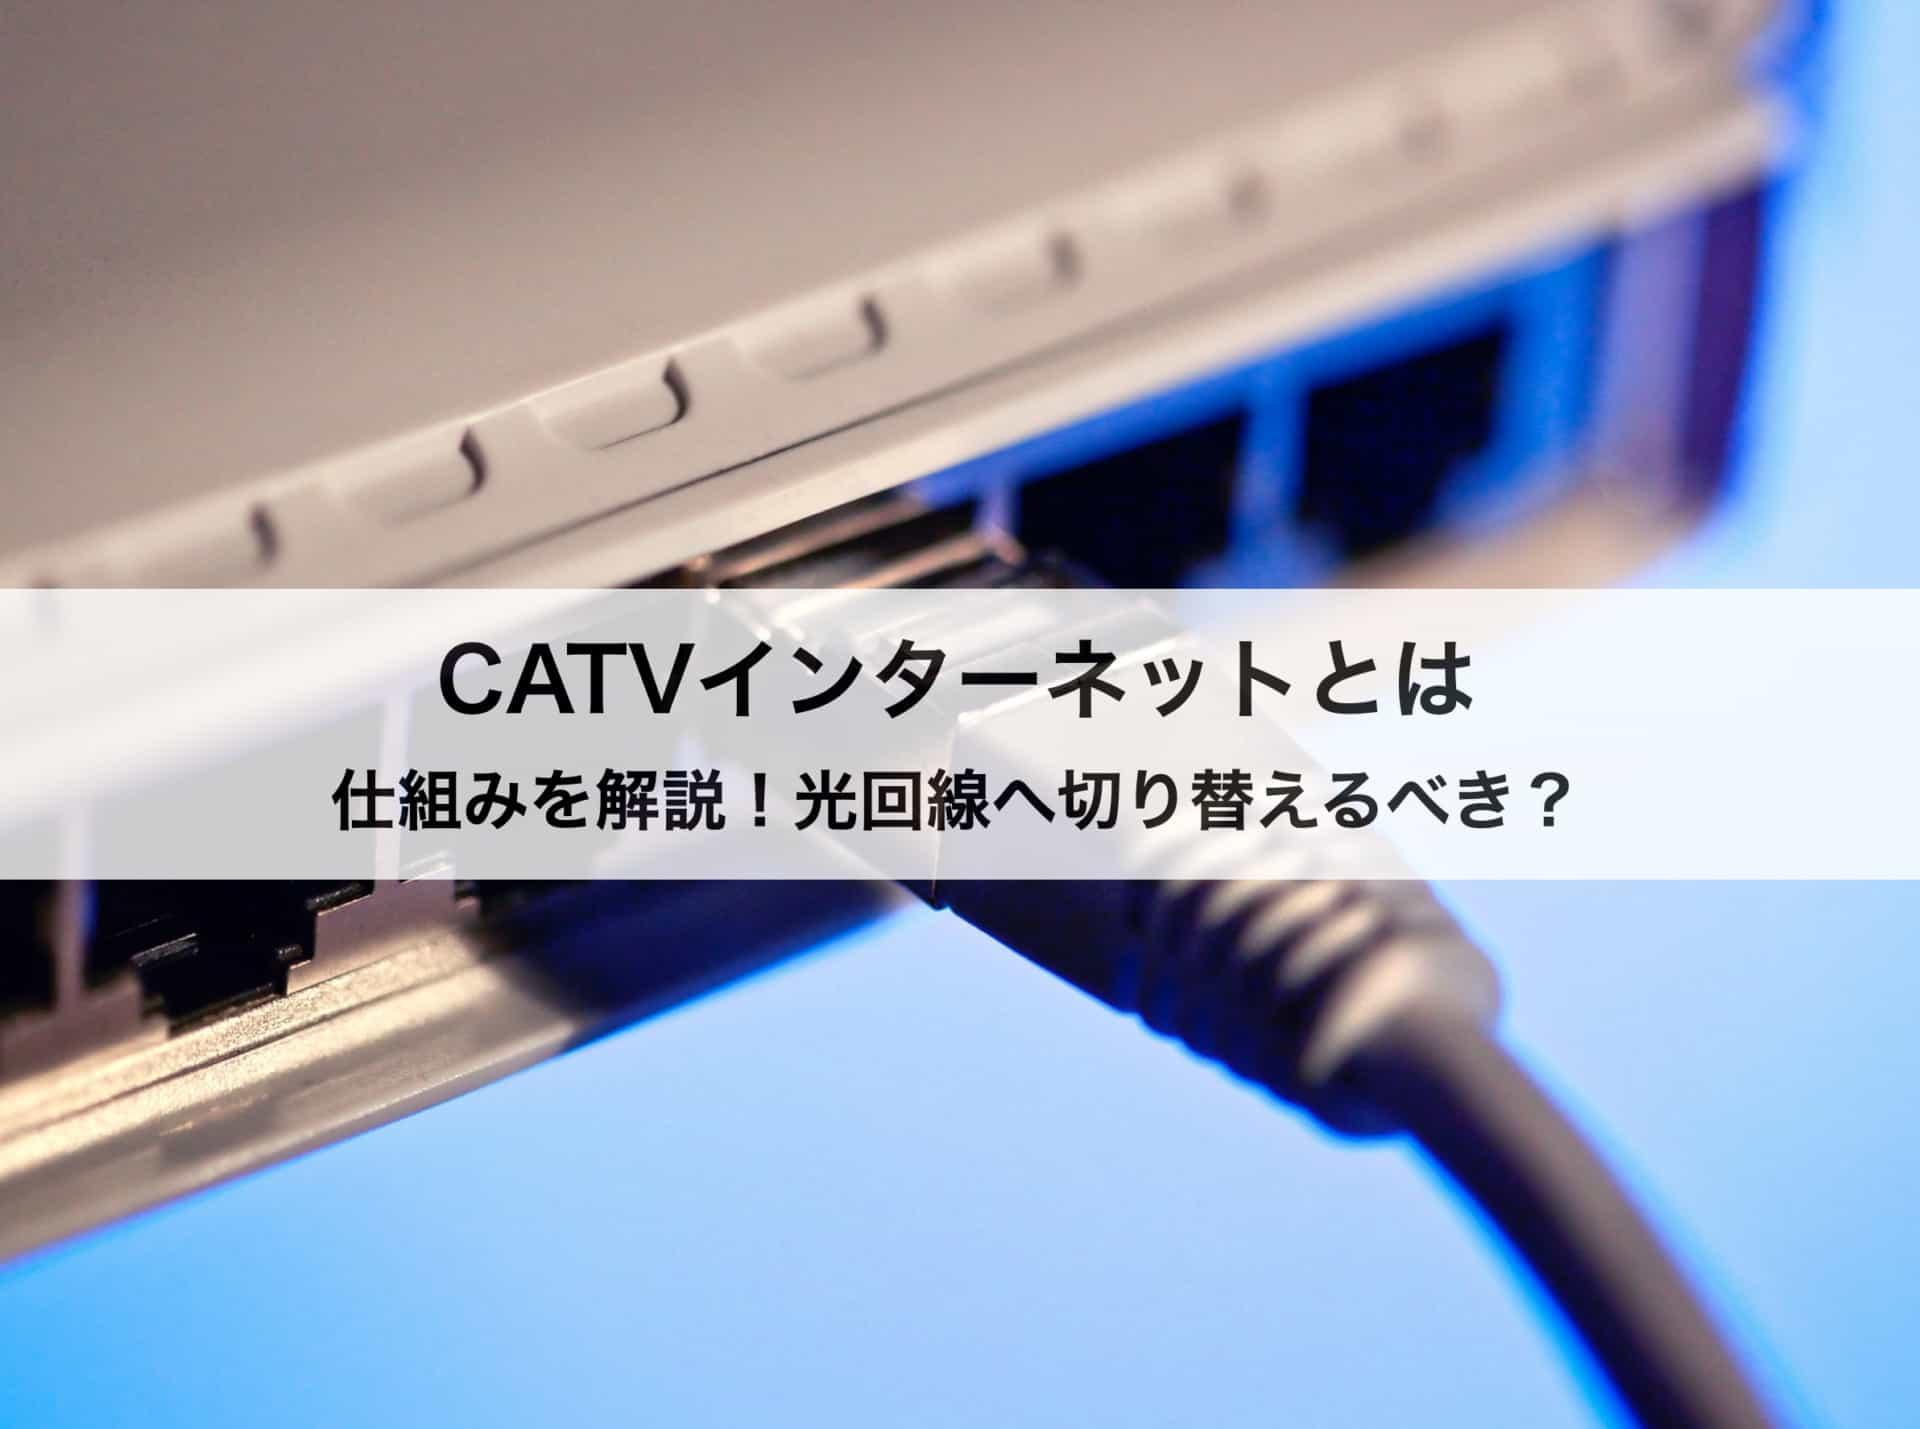 CATVインターネットとは 仕組みや光回線へ切り替えるべきかなど解説します!